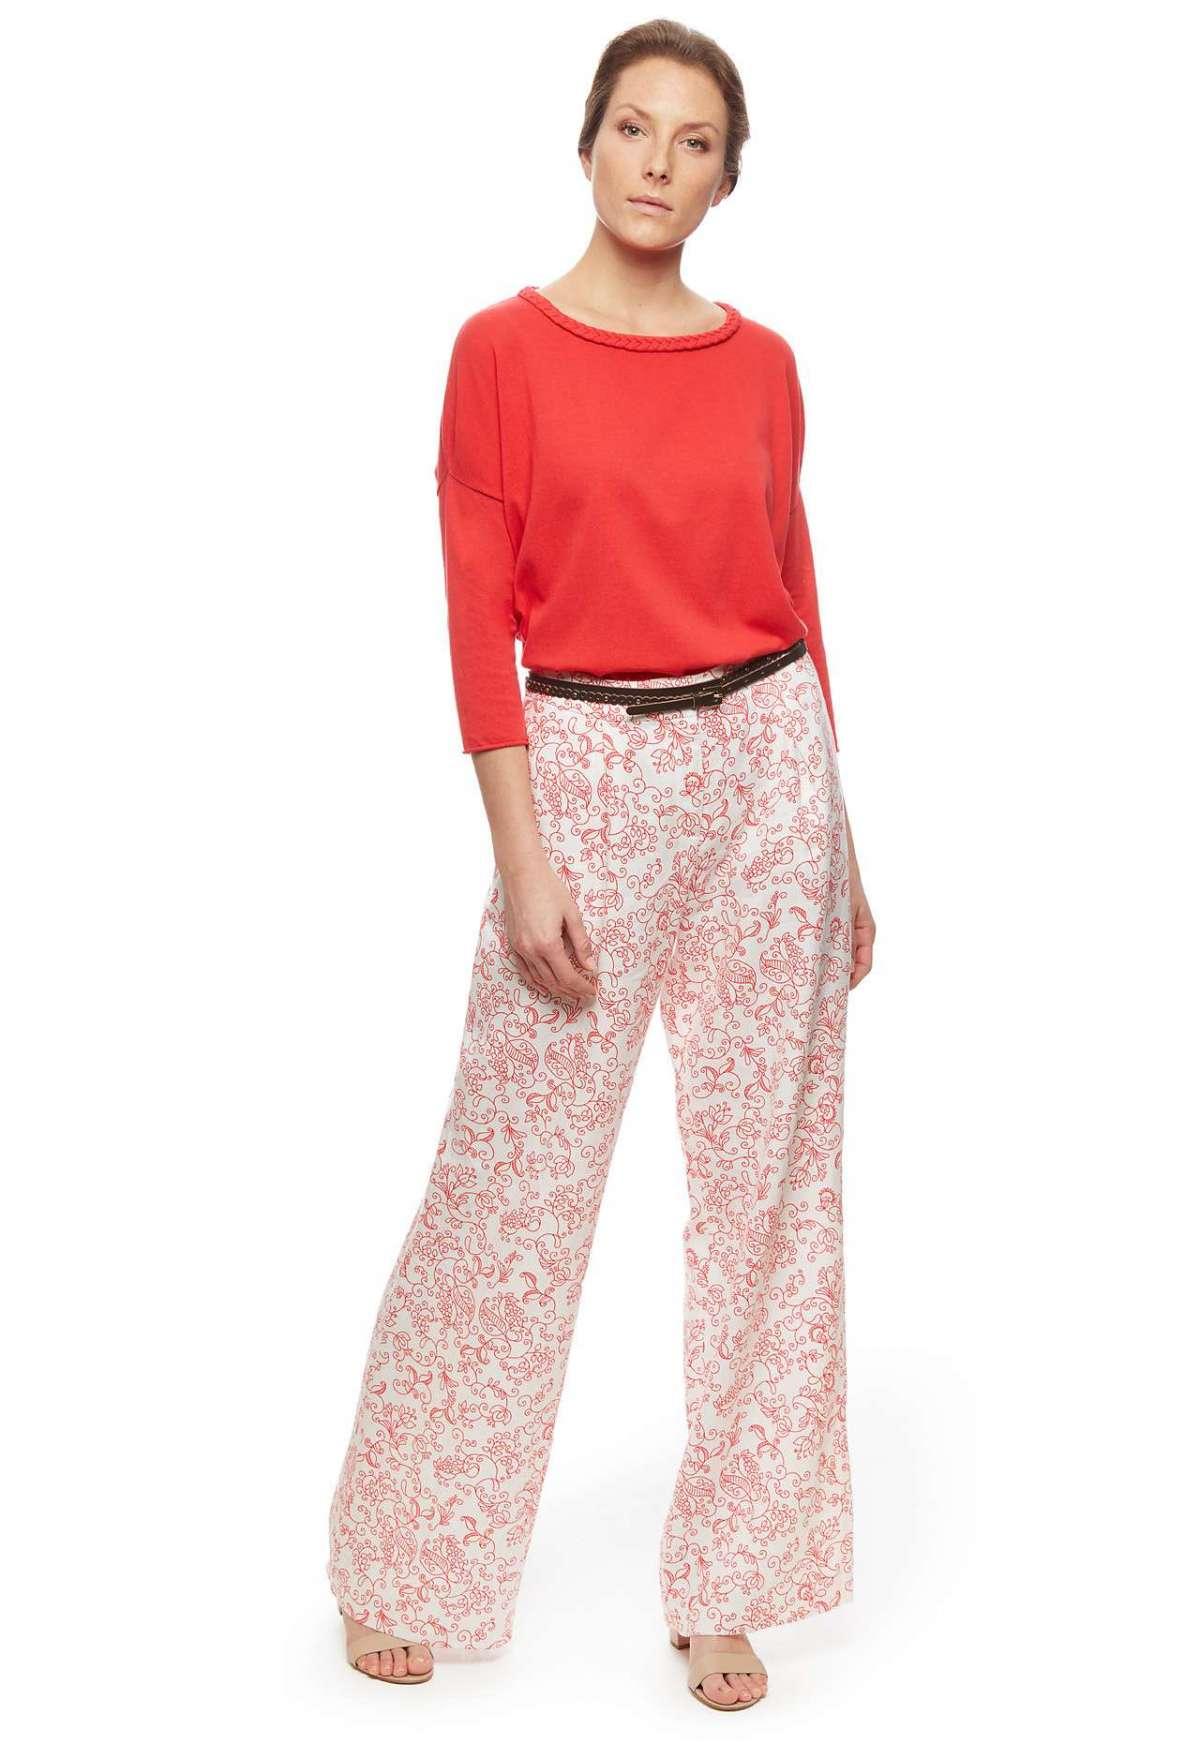 Pantaloni in lino stampato Stefanel a 130 euro